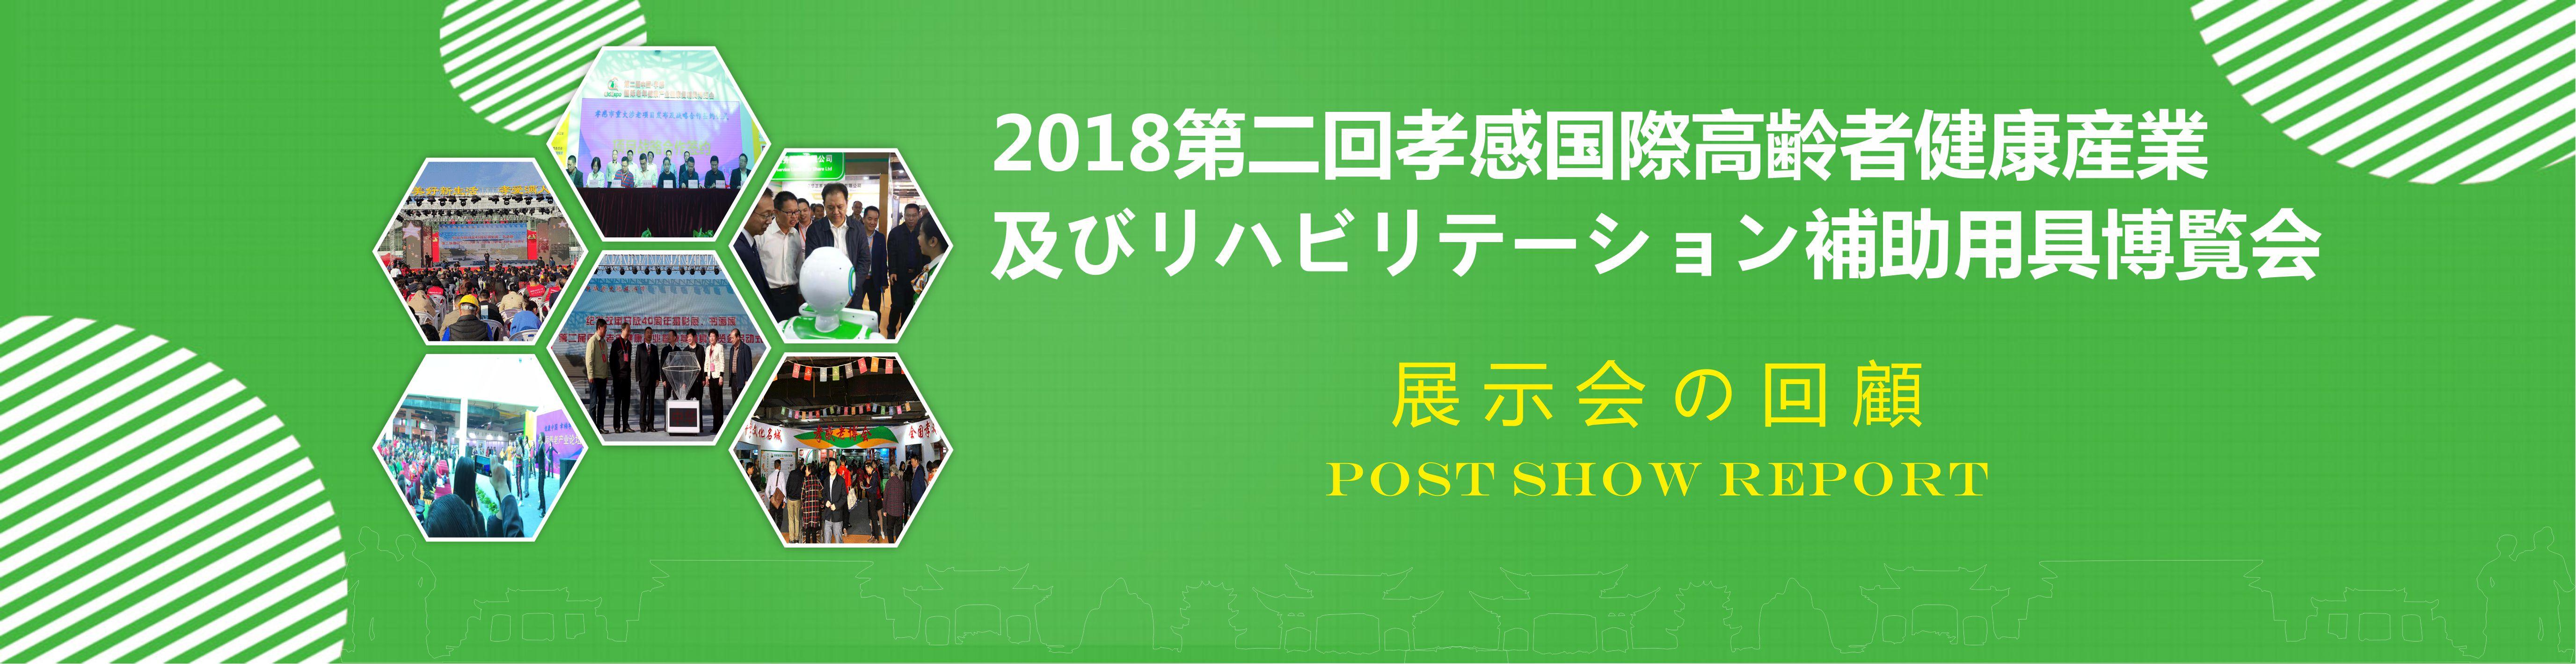 2018孝感老博会